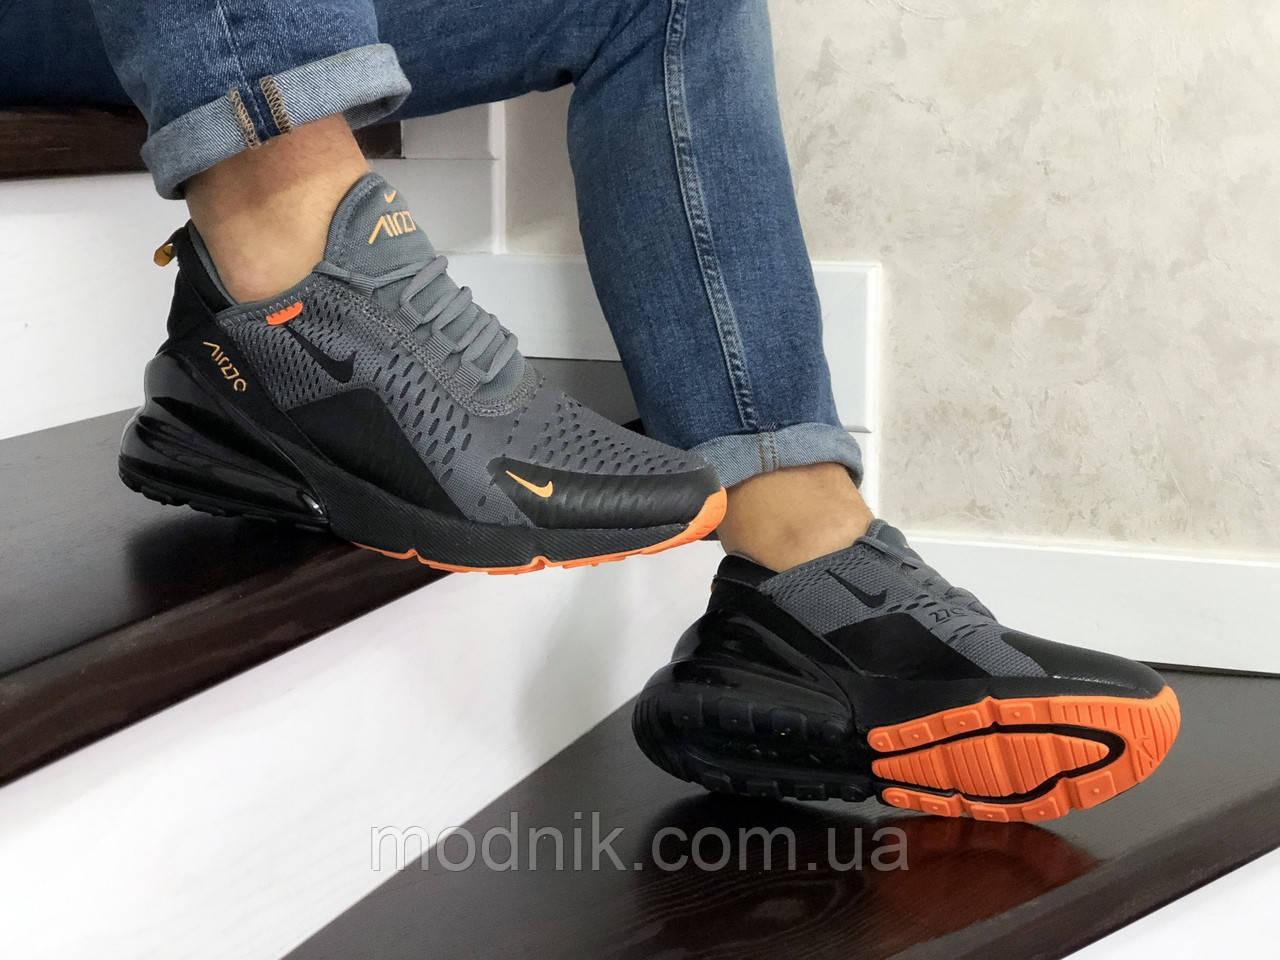 Мужские кроссовки Nike Air Max 270 (серо-черные)